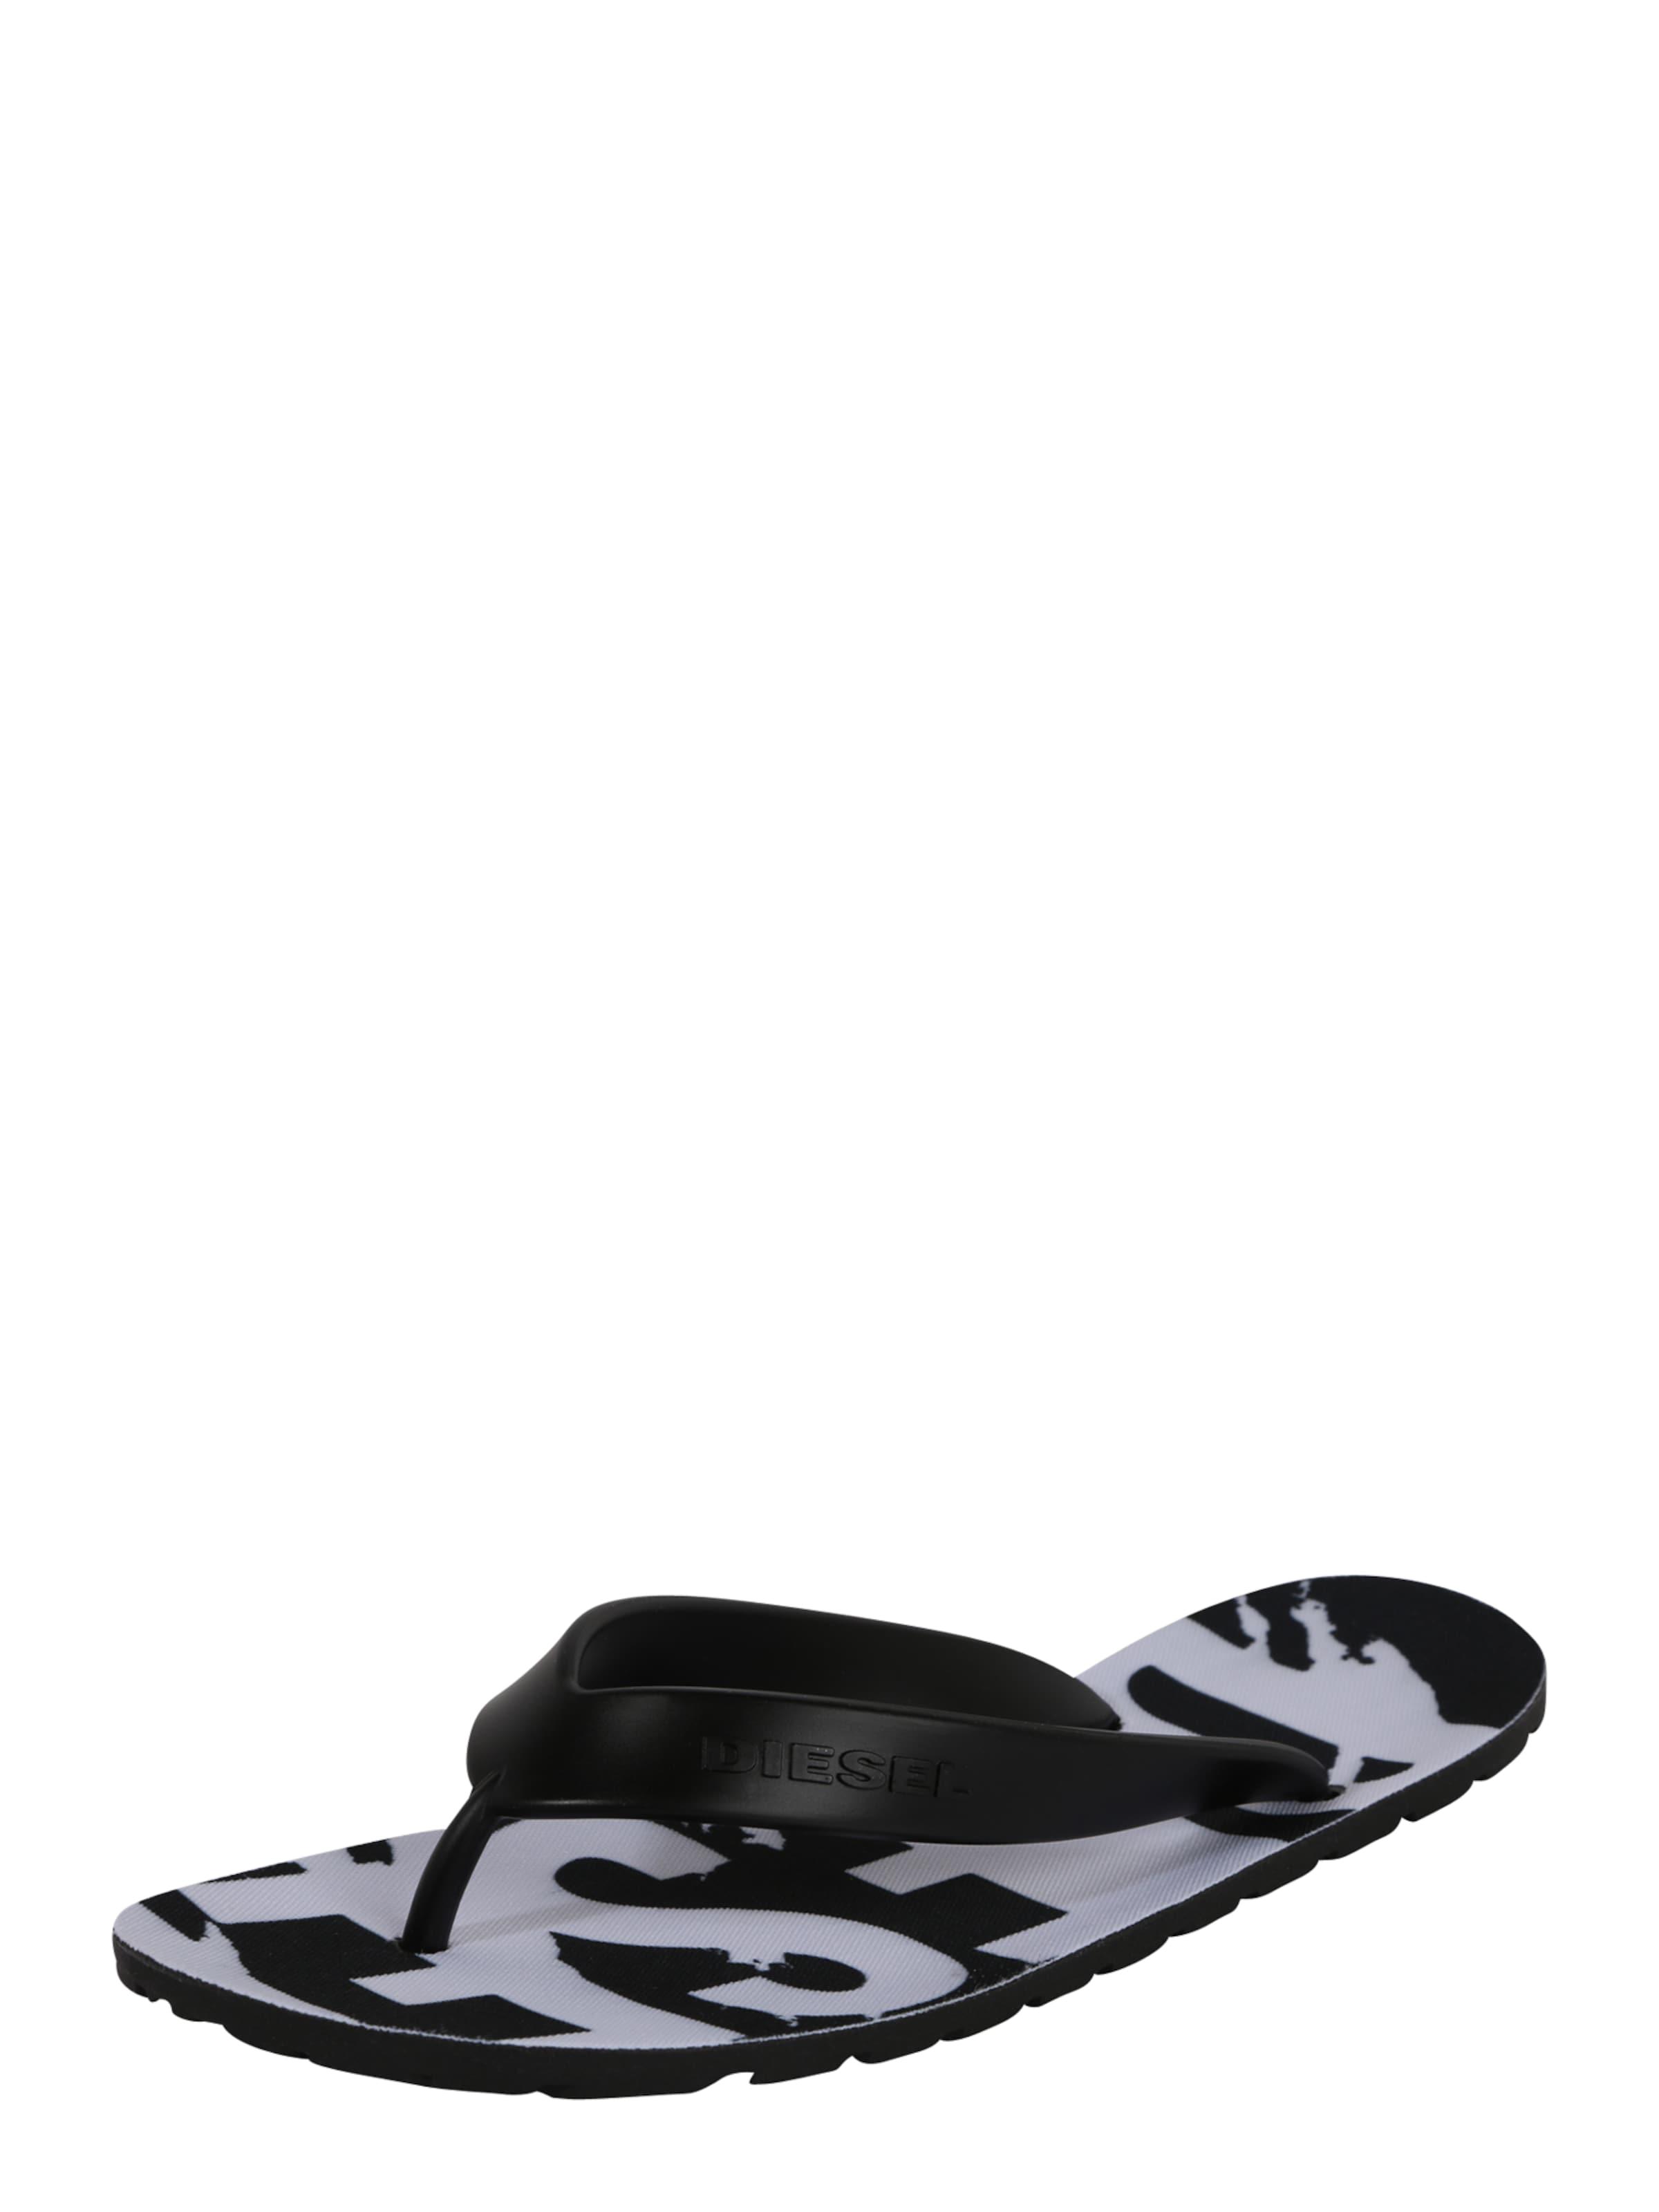 DIESEL Zehentrenner SPLISH Verschleißfeste billige Schuhe